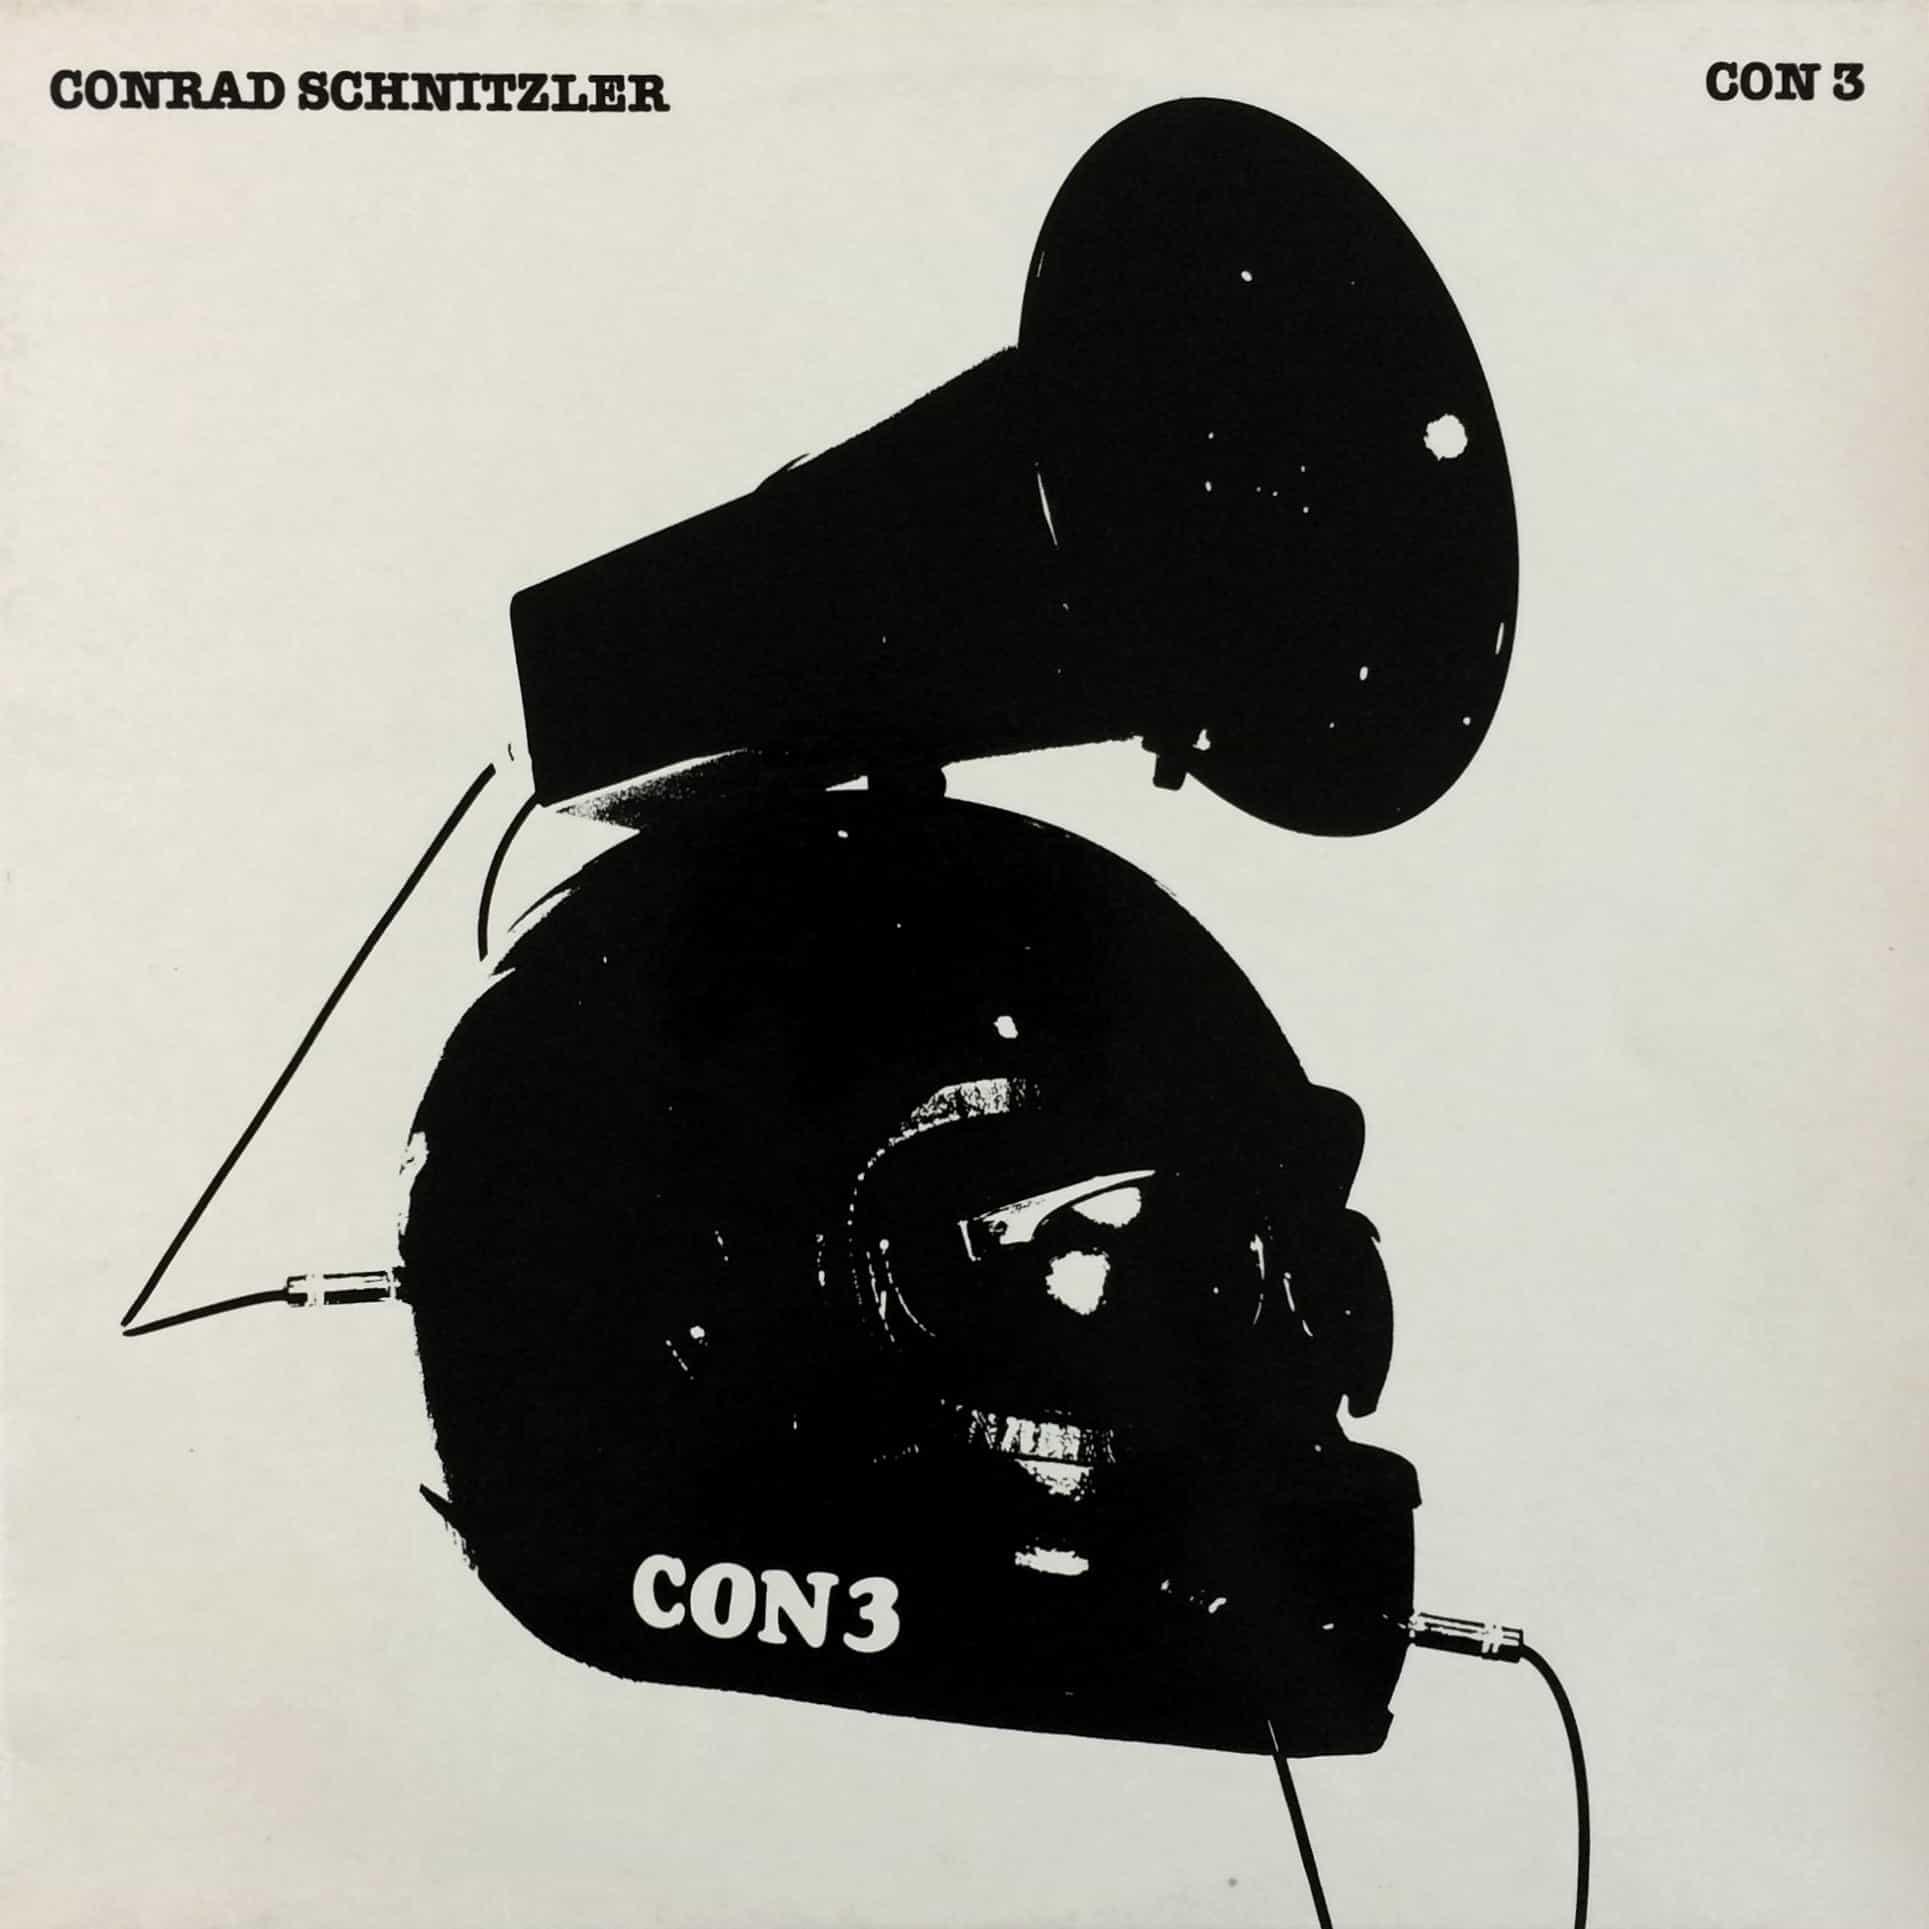 Conrad Schnitzler – CON 3